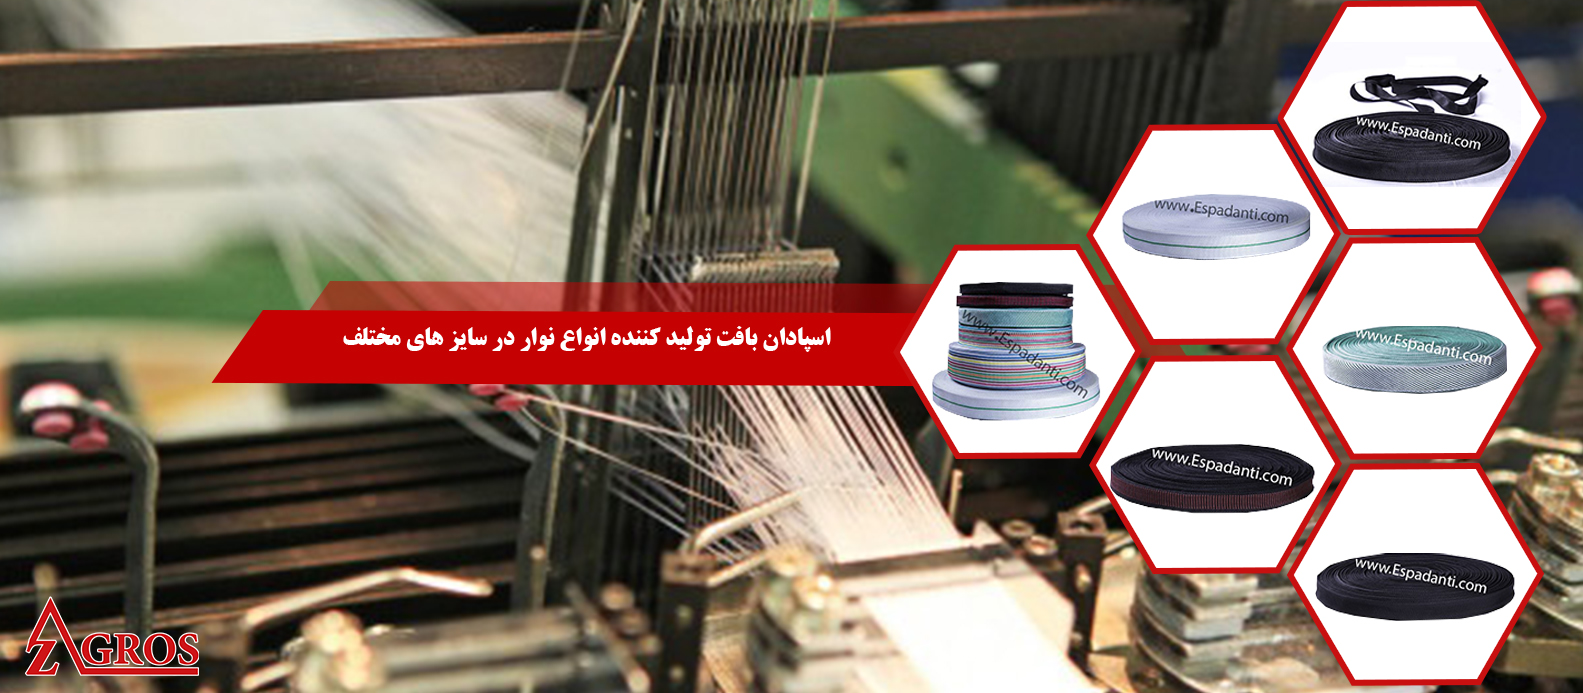 تولیدکننده پارچه های نواری در سایز های مختلف